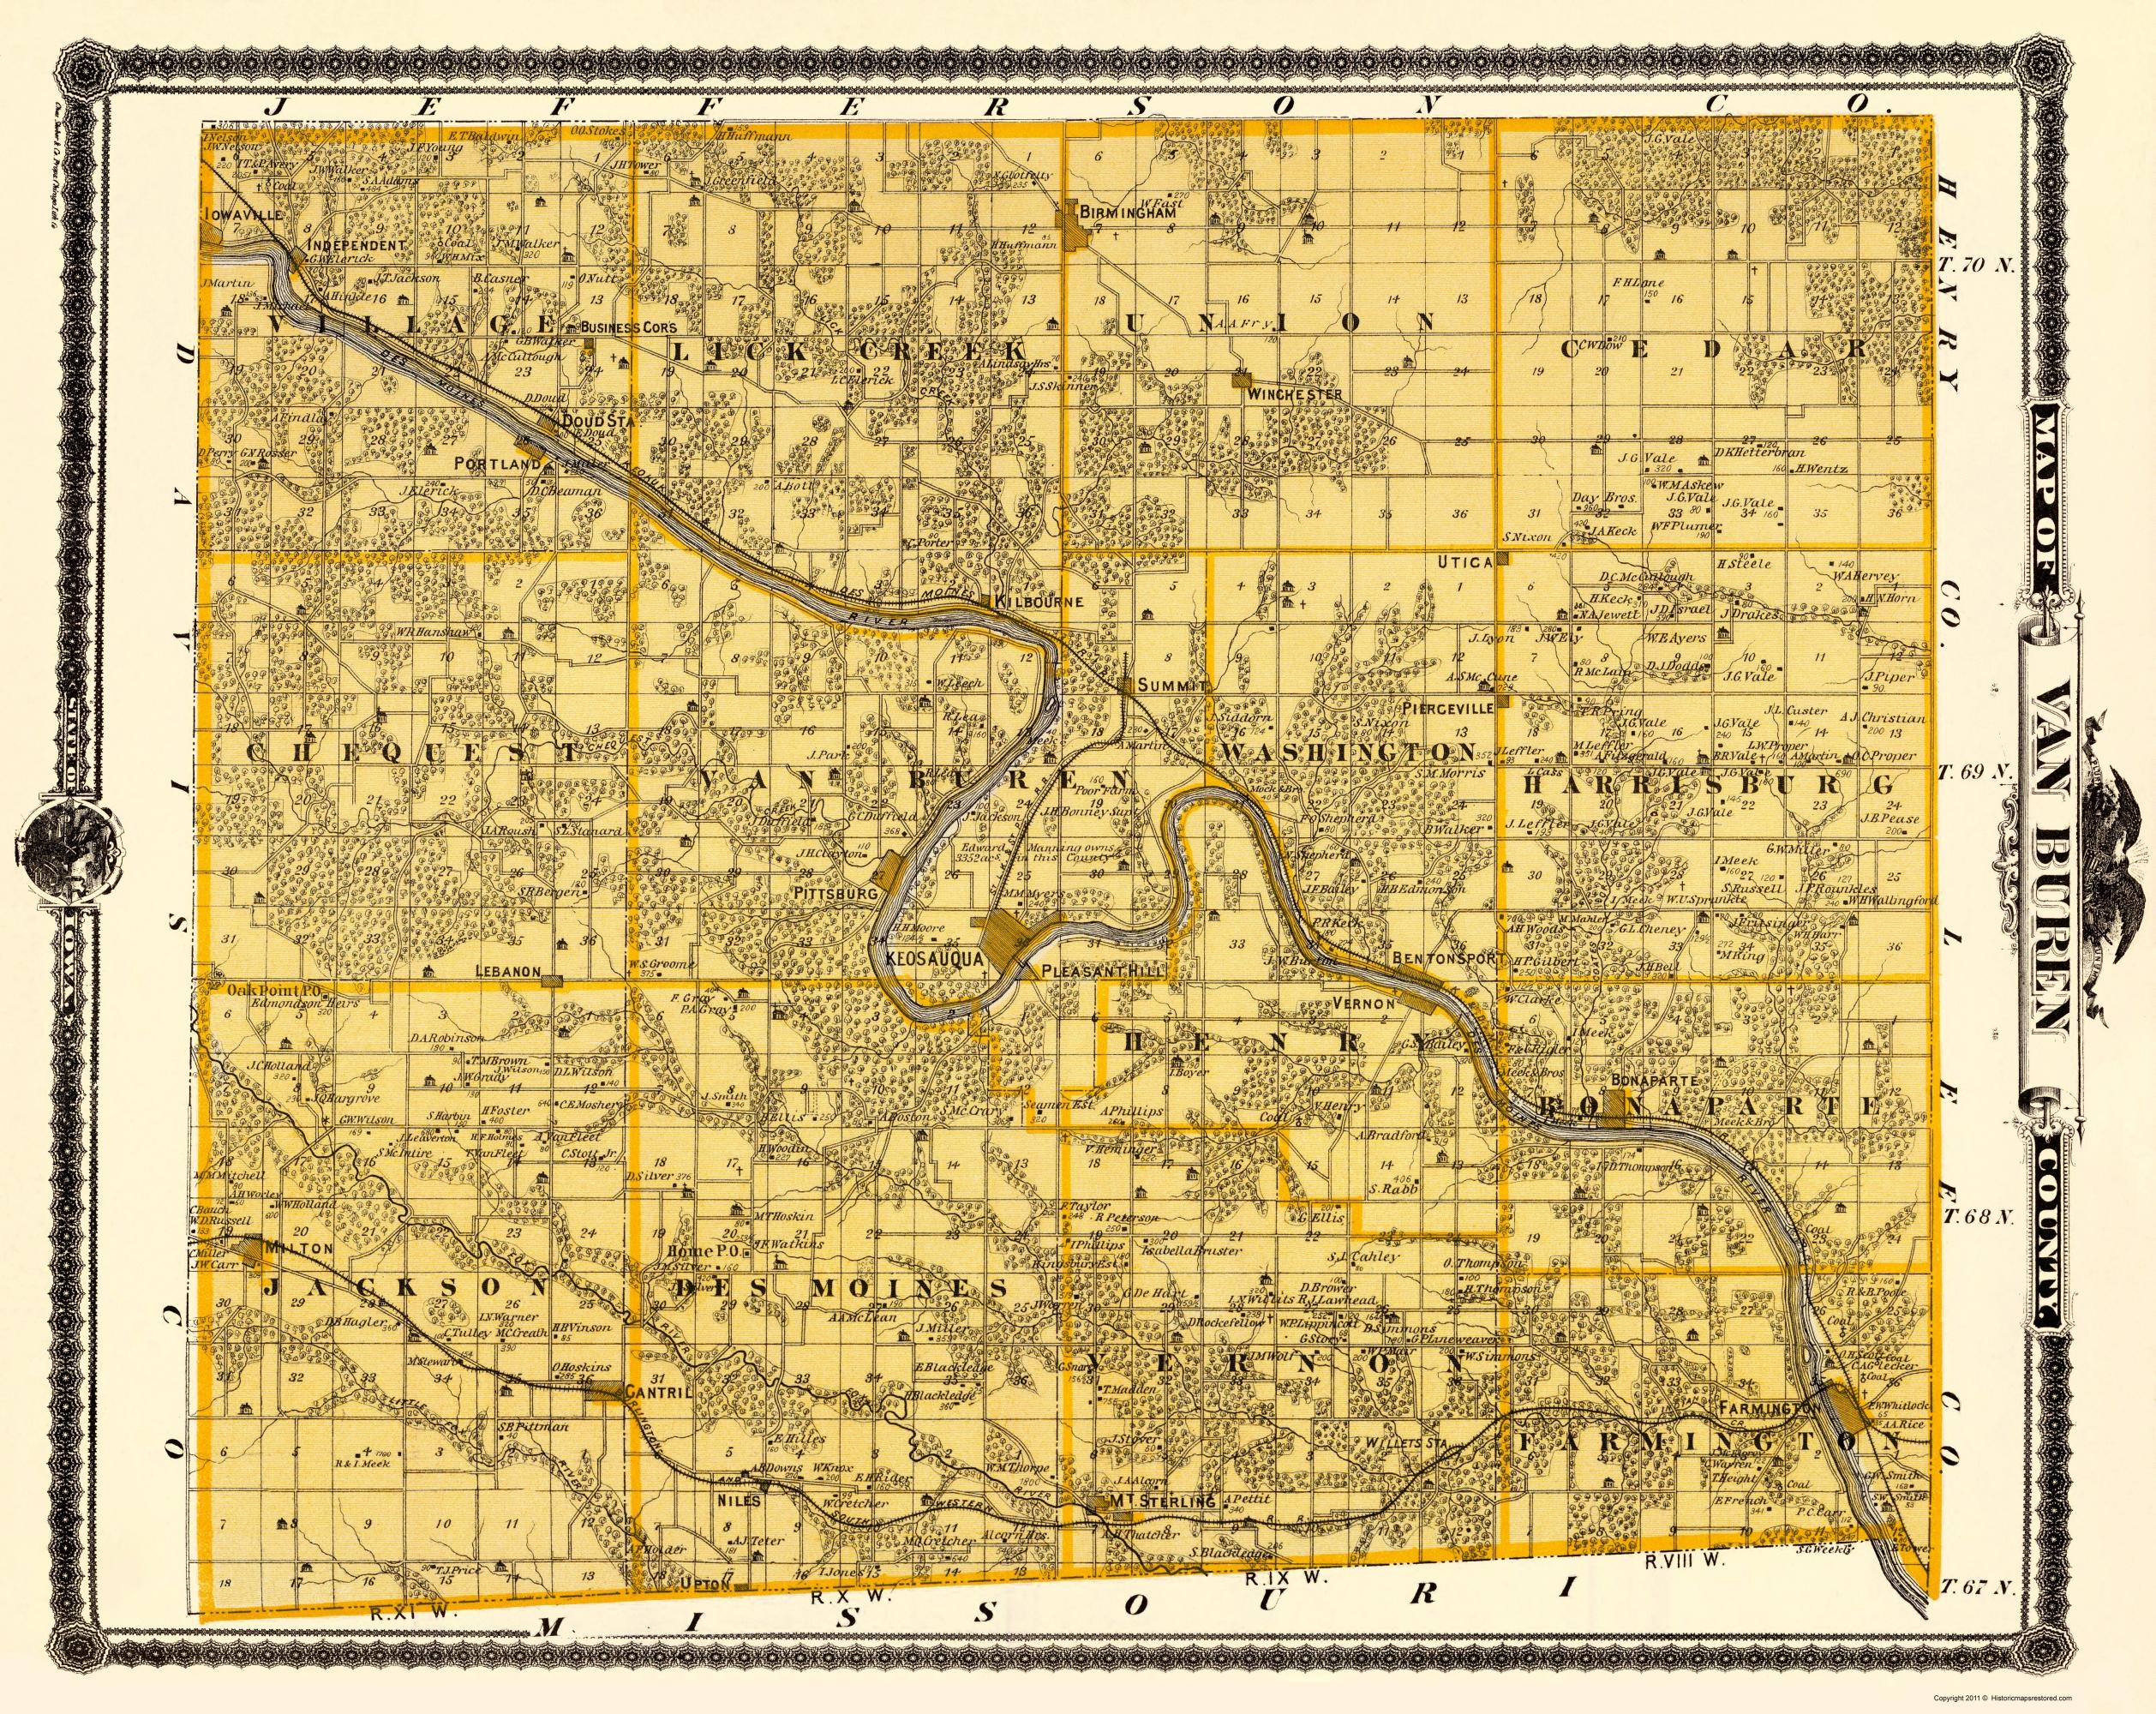 Cantril Iowa Map.Old County Map Van Buren Iowa Landowner Andreas 1875